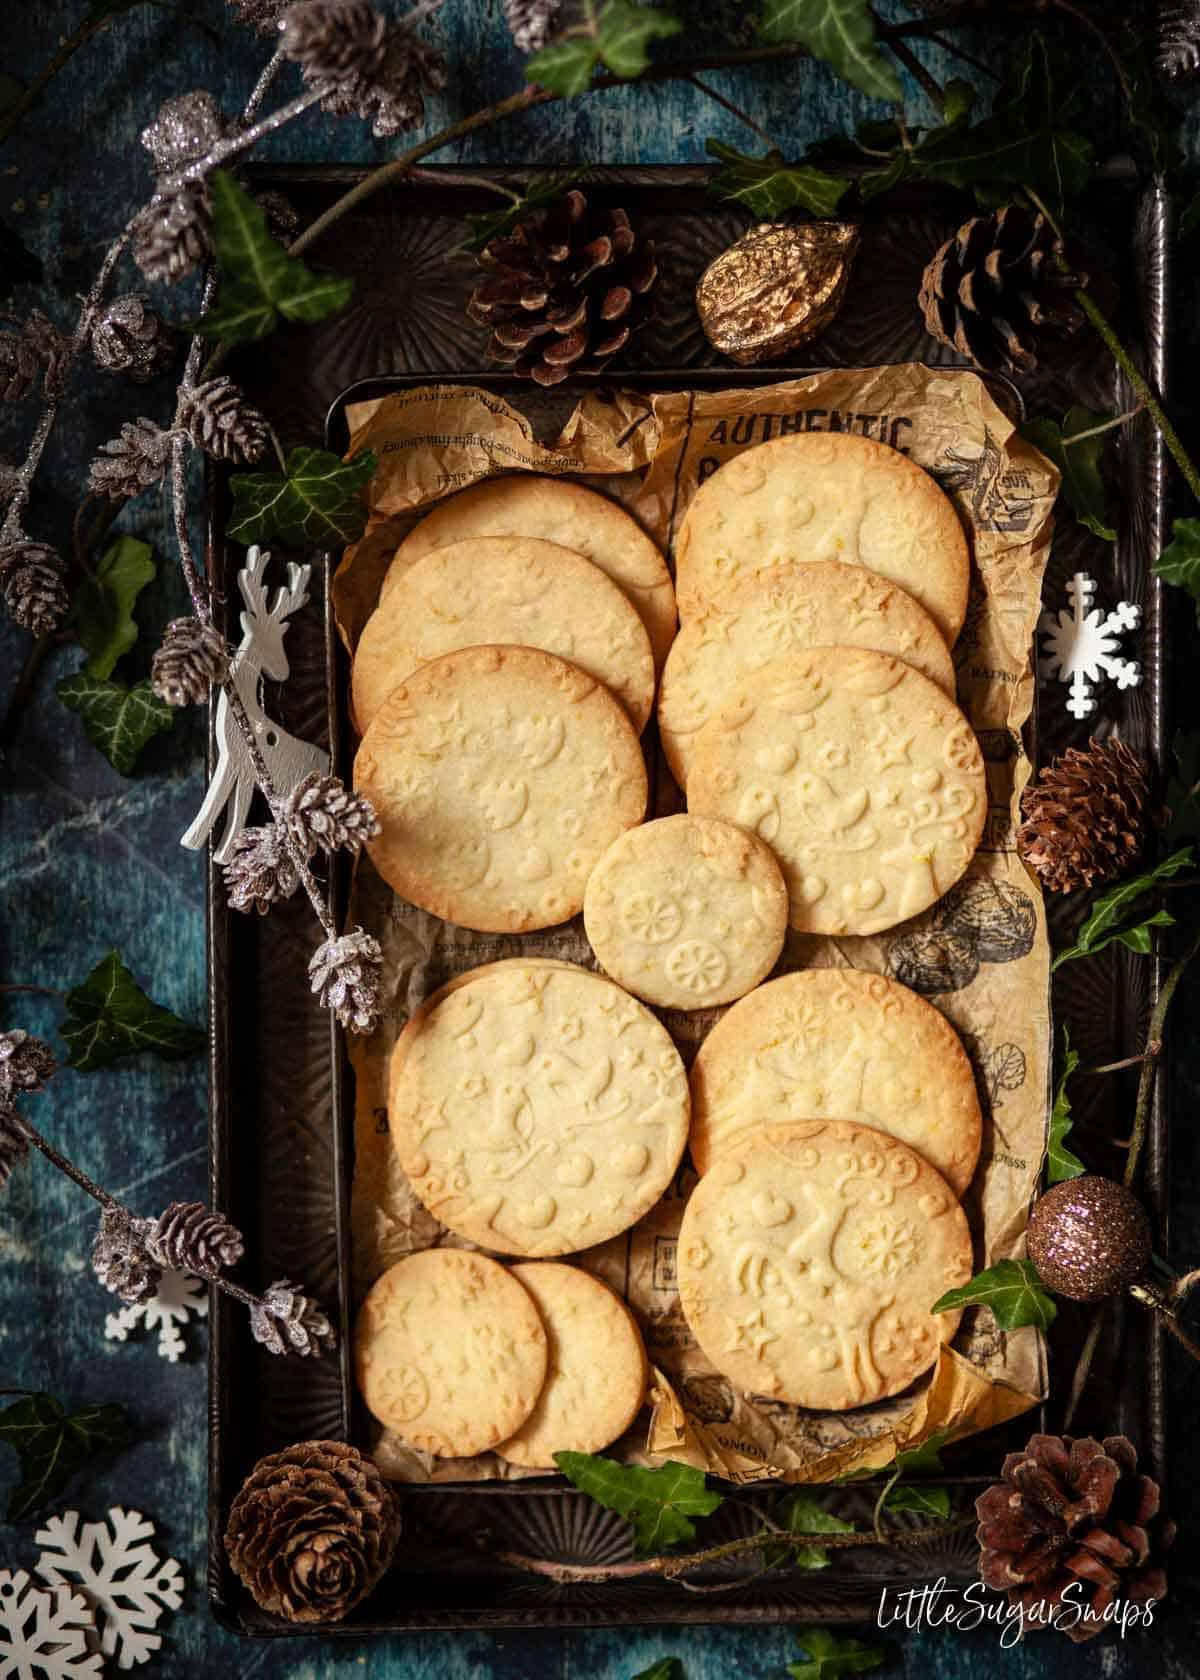 Embossed lemon shortbread cookies on vintage baking trays